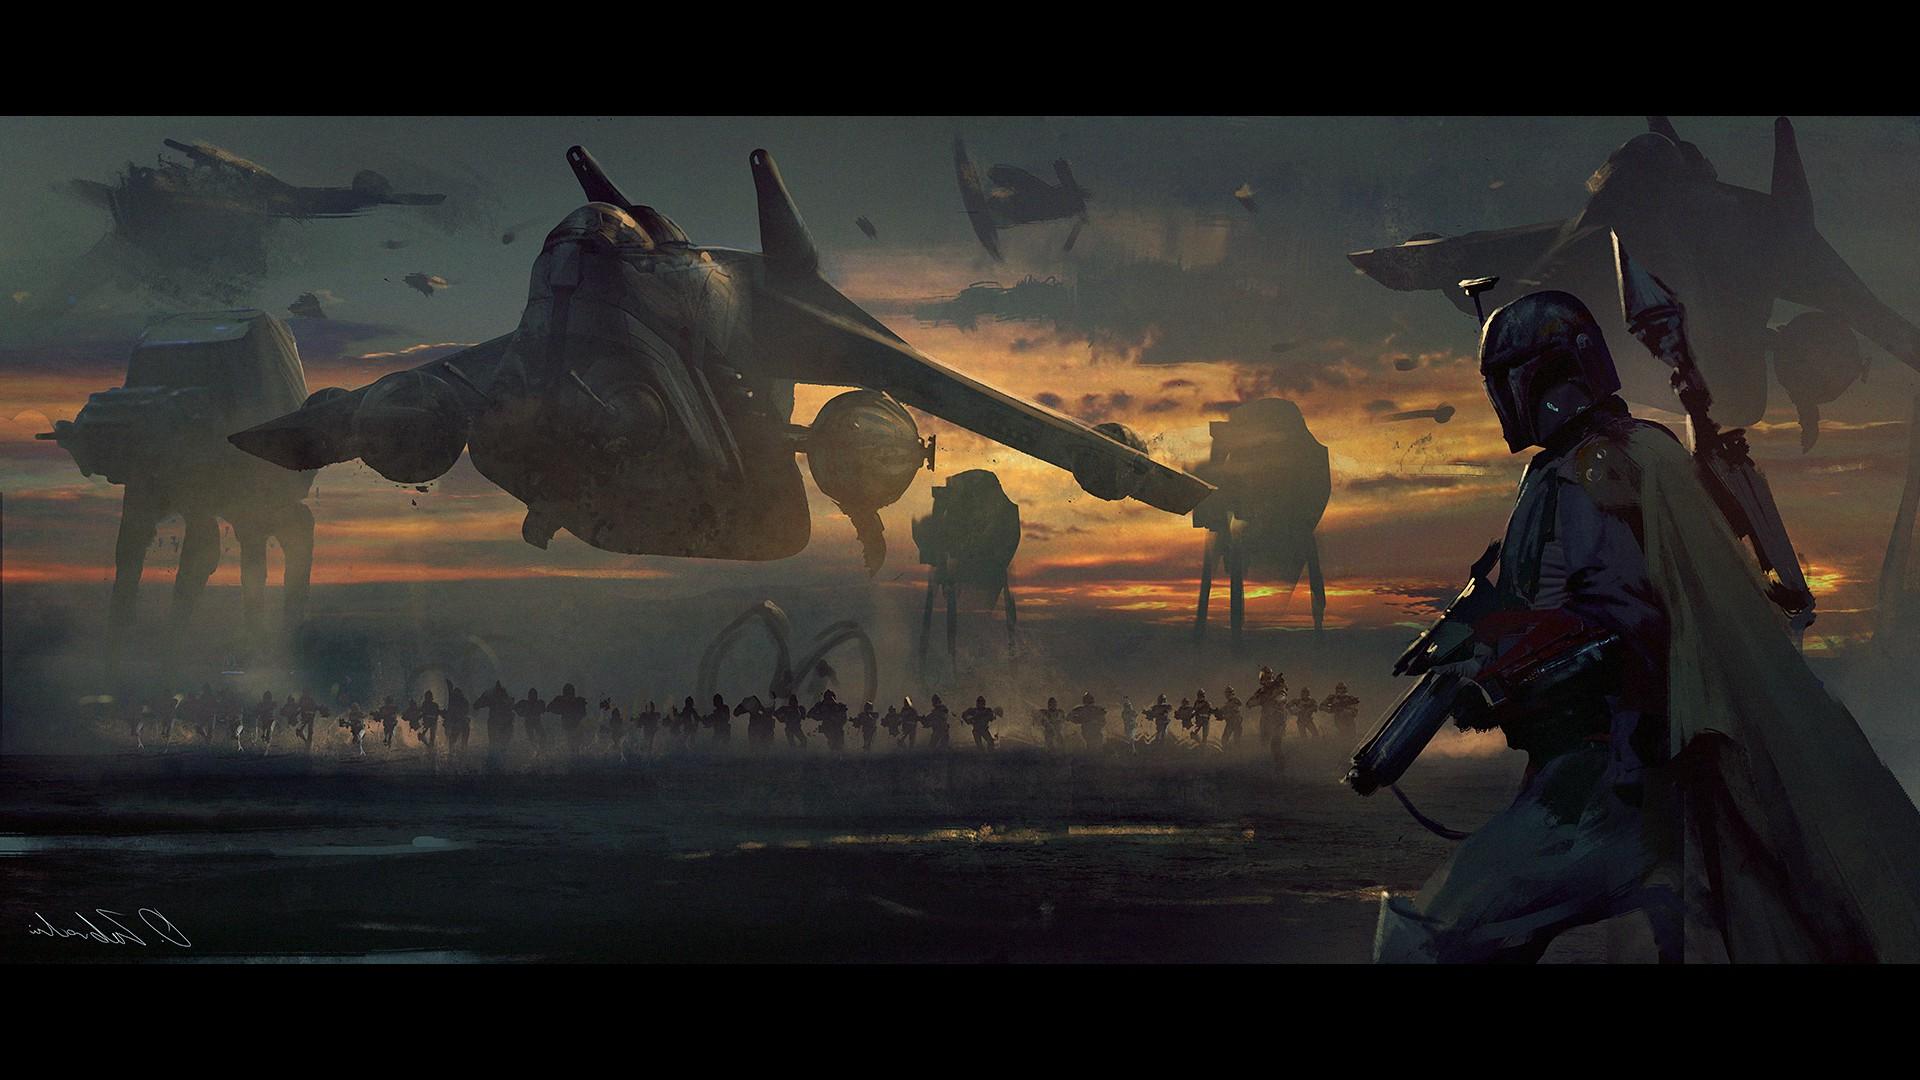 Star Wars Desktop Backgrounds 1920x1080 Posted By Sarah Walker